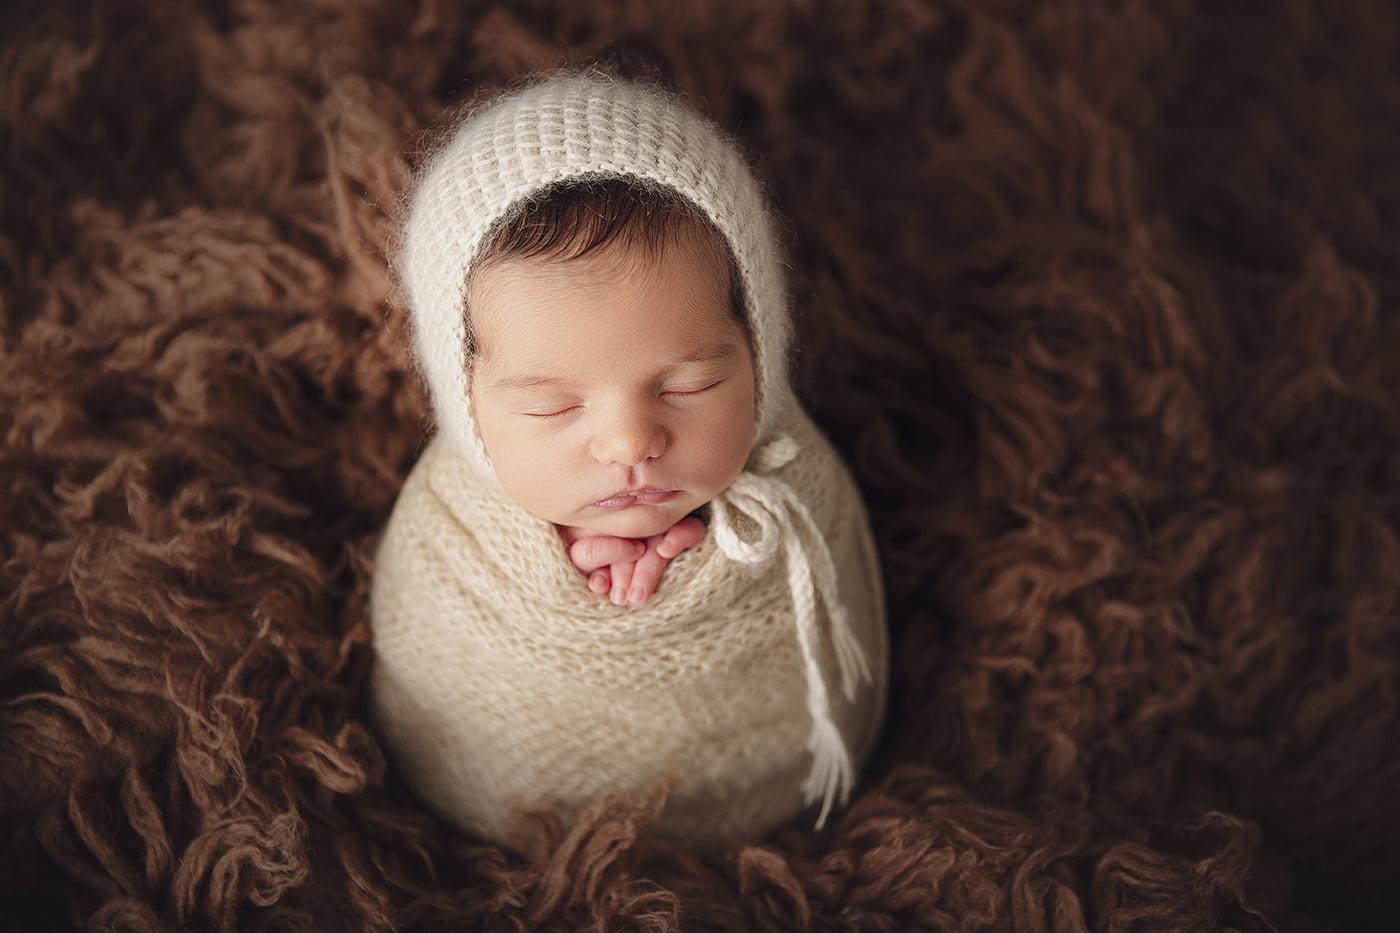 sedinta-foto-nou-nascut-bebe-copii-bucuresti-pret-newborn-mvphotography-madalina-vasile-karina